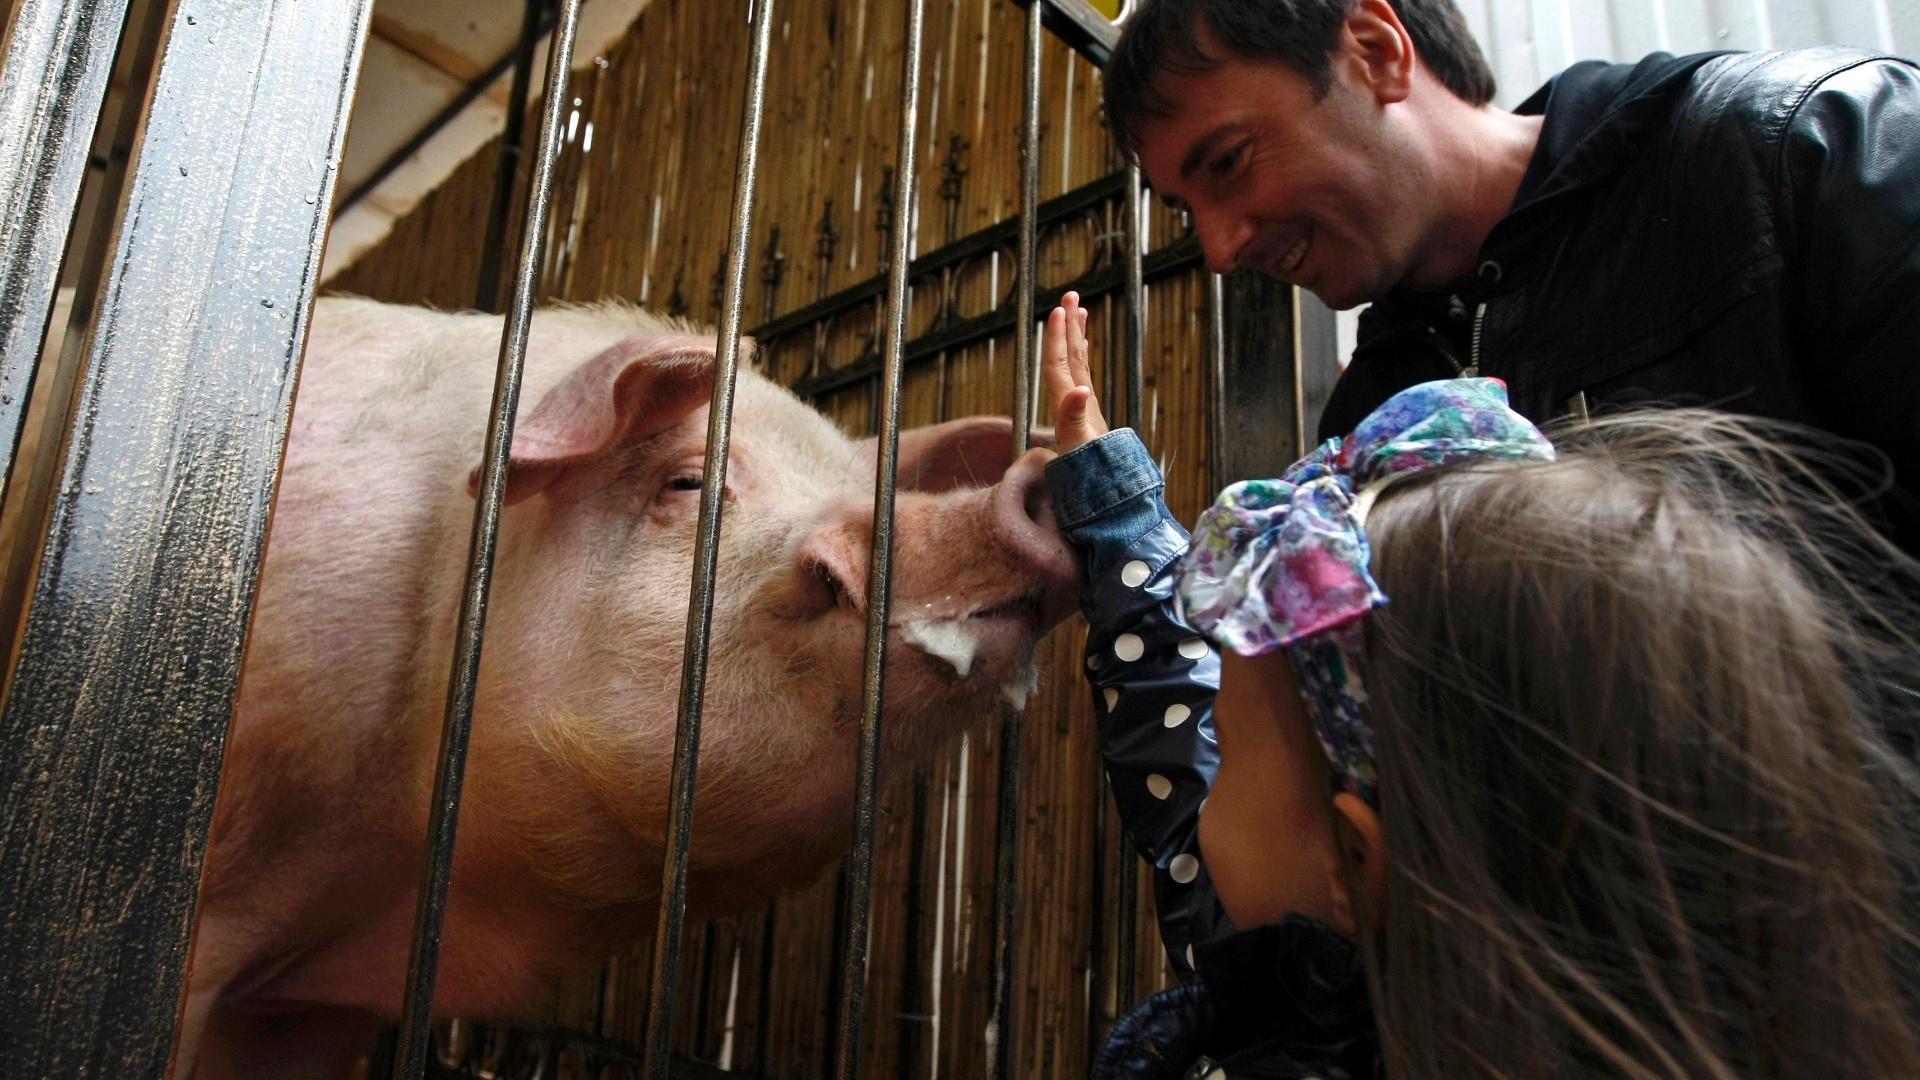 Funtik, bastante querido em Kiev, conta com o apoio do governo local para ser uma das atrações da Ucrânia, que sedia a Eurocopa junto com a Polônia. A cidade pretende fazer um grande evento em cada uma das previsões do porco.